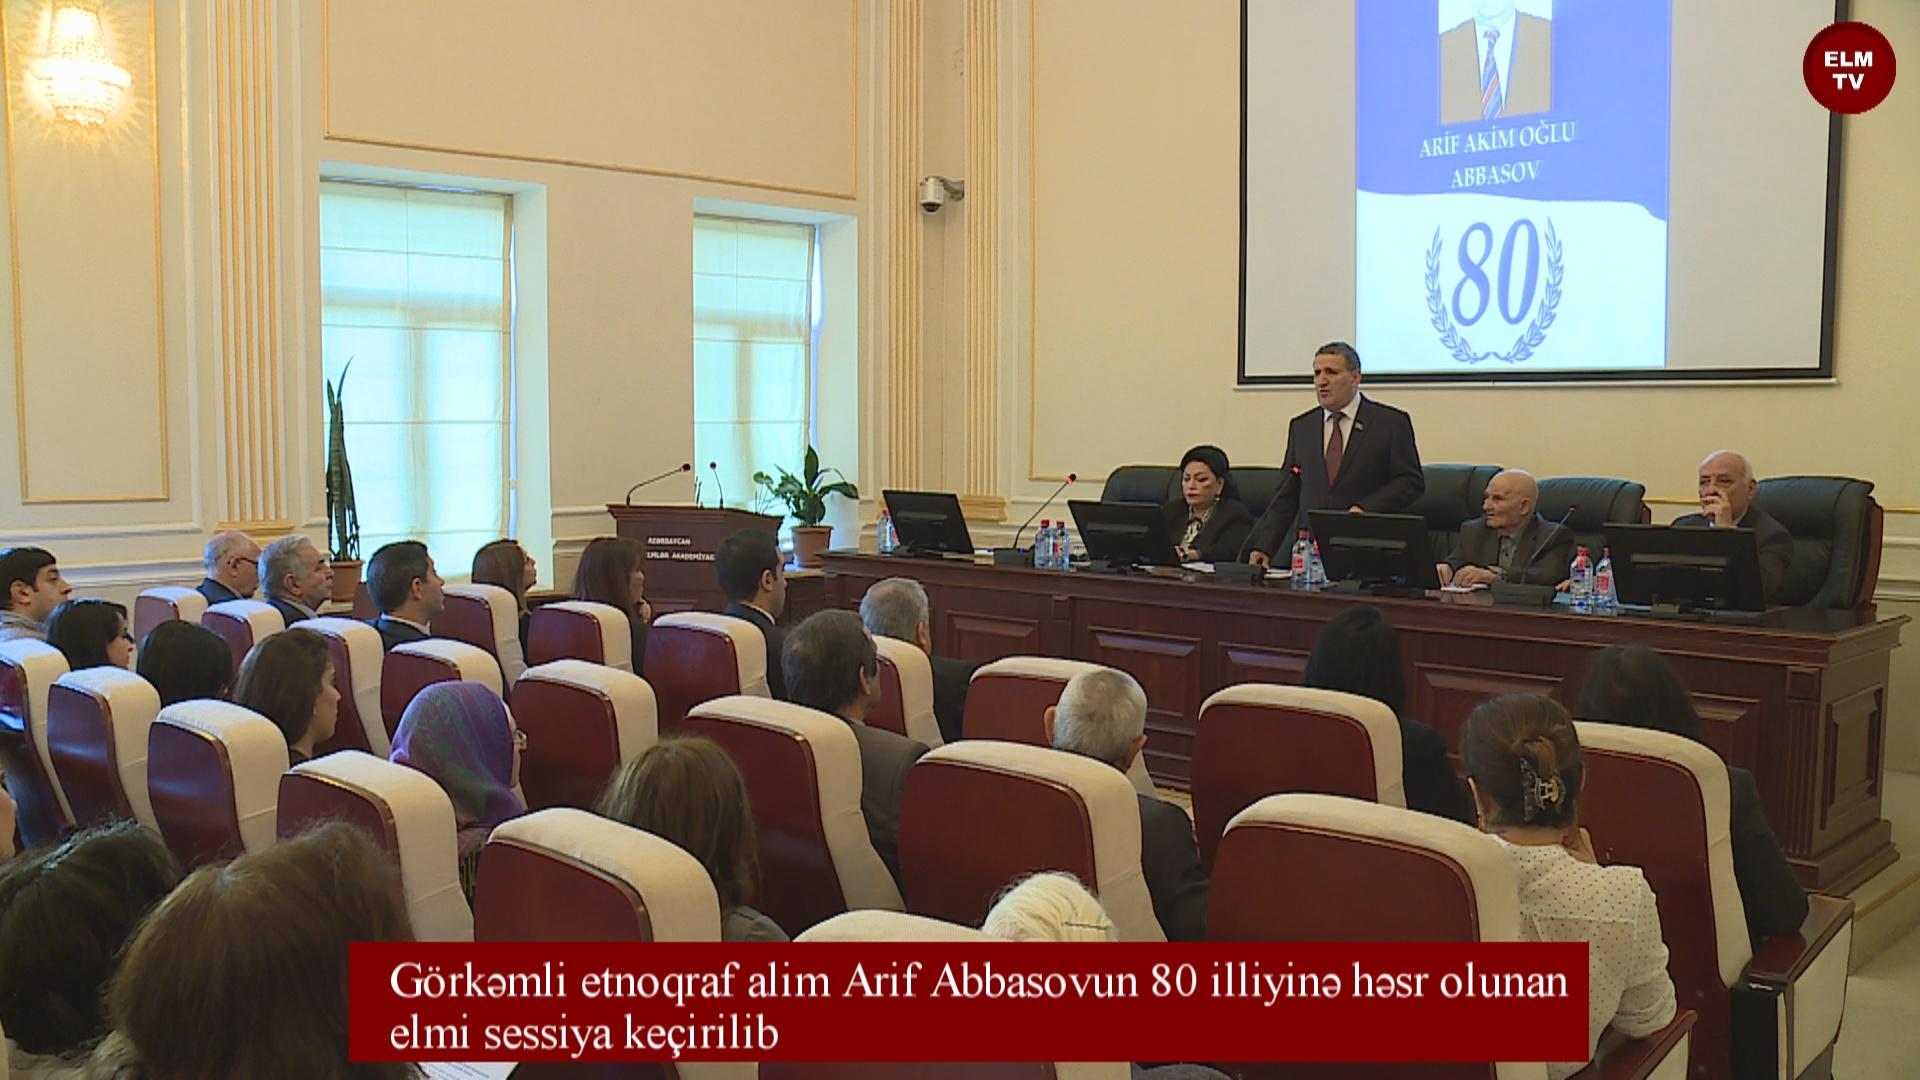 Görkəmli etnoqraf alim Arif Abbasovun 80 illiyinə həsr olunan elmi sessiya keçirilib